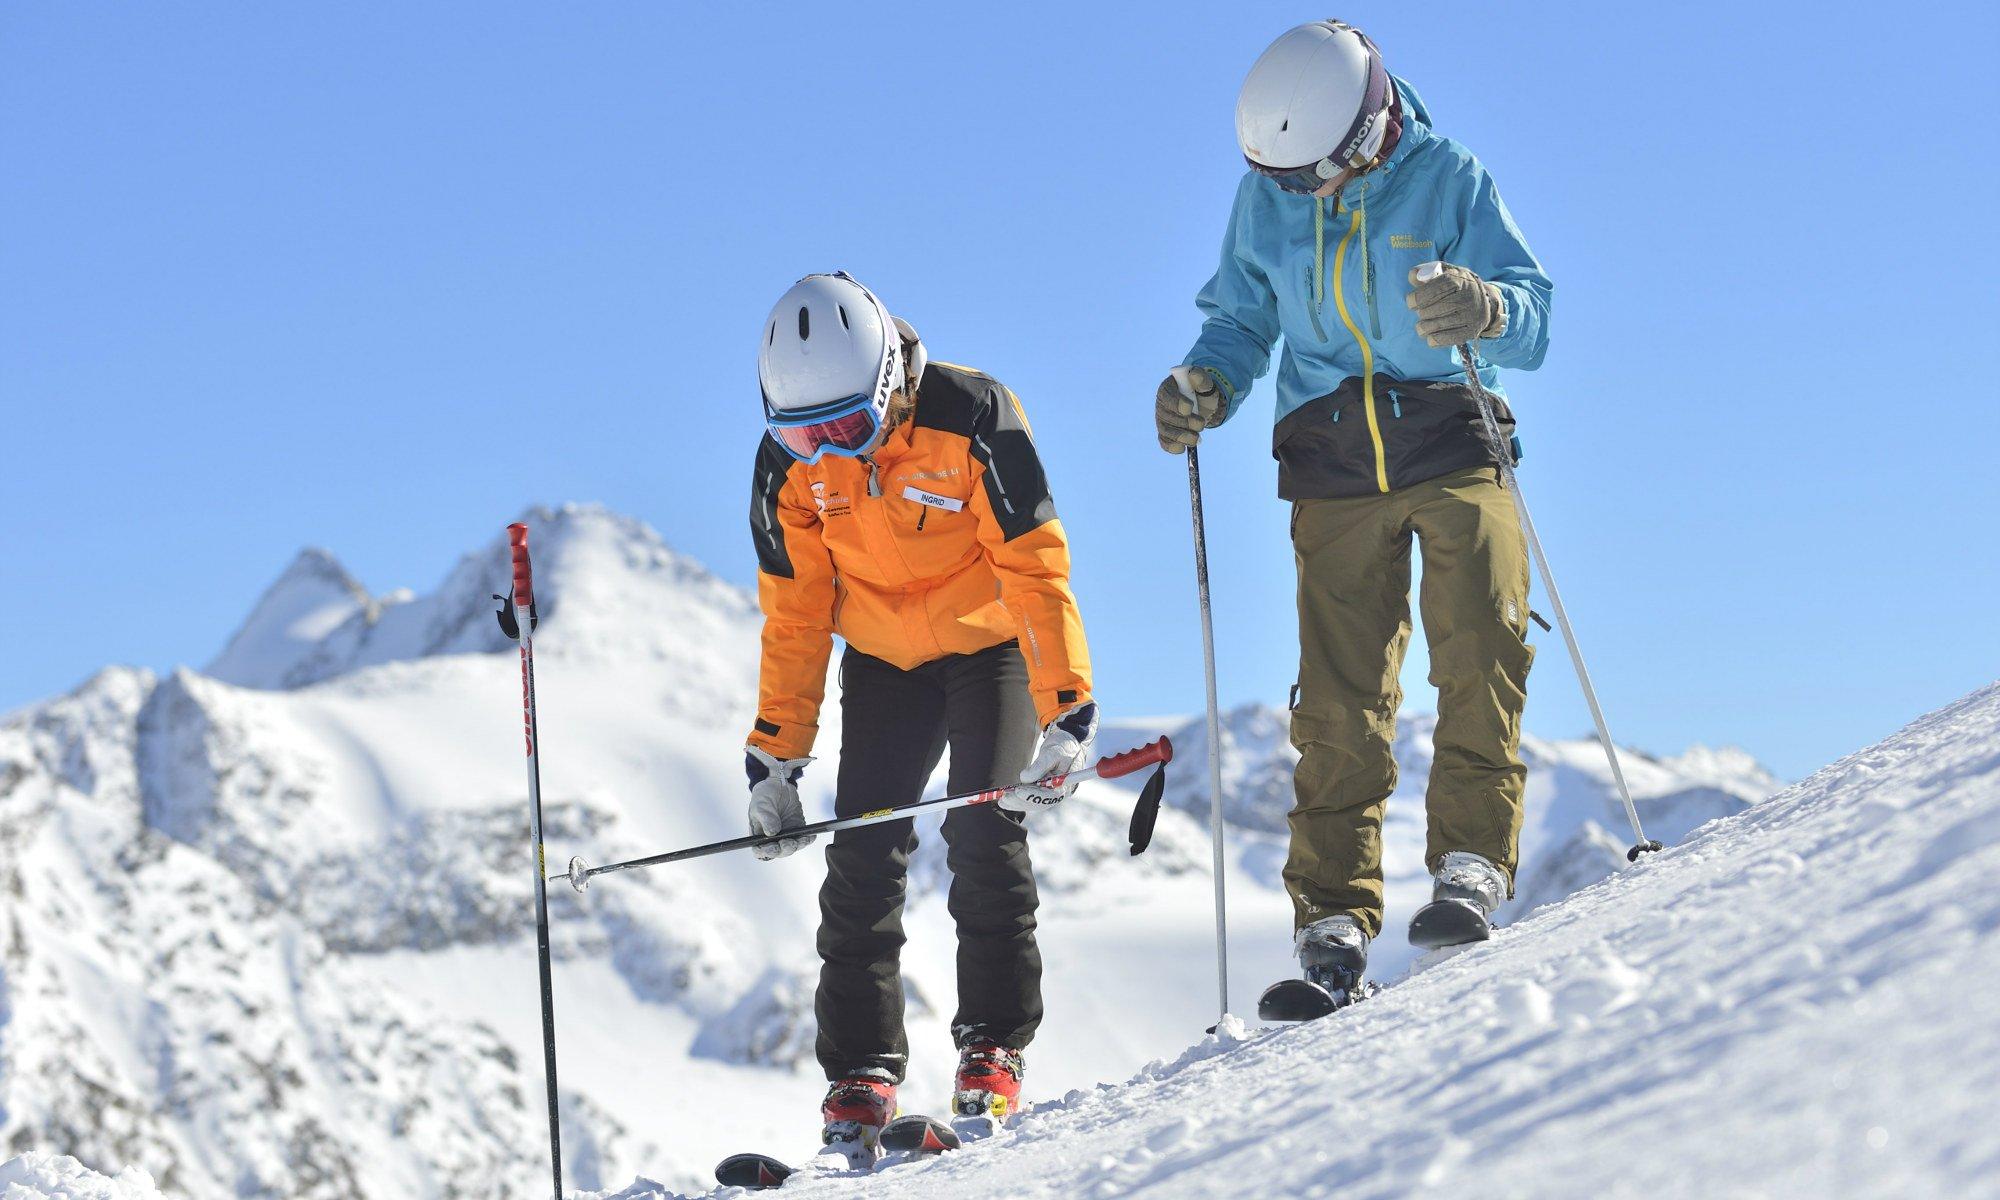 Een volwassen skiër neemt deel aan een beginnersles.